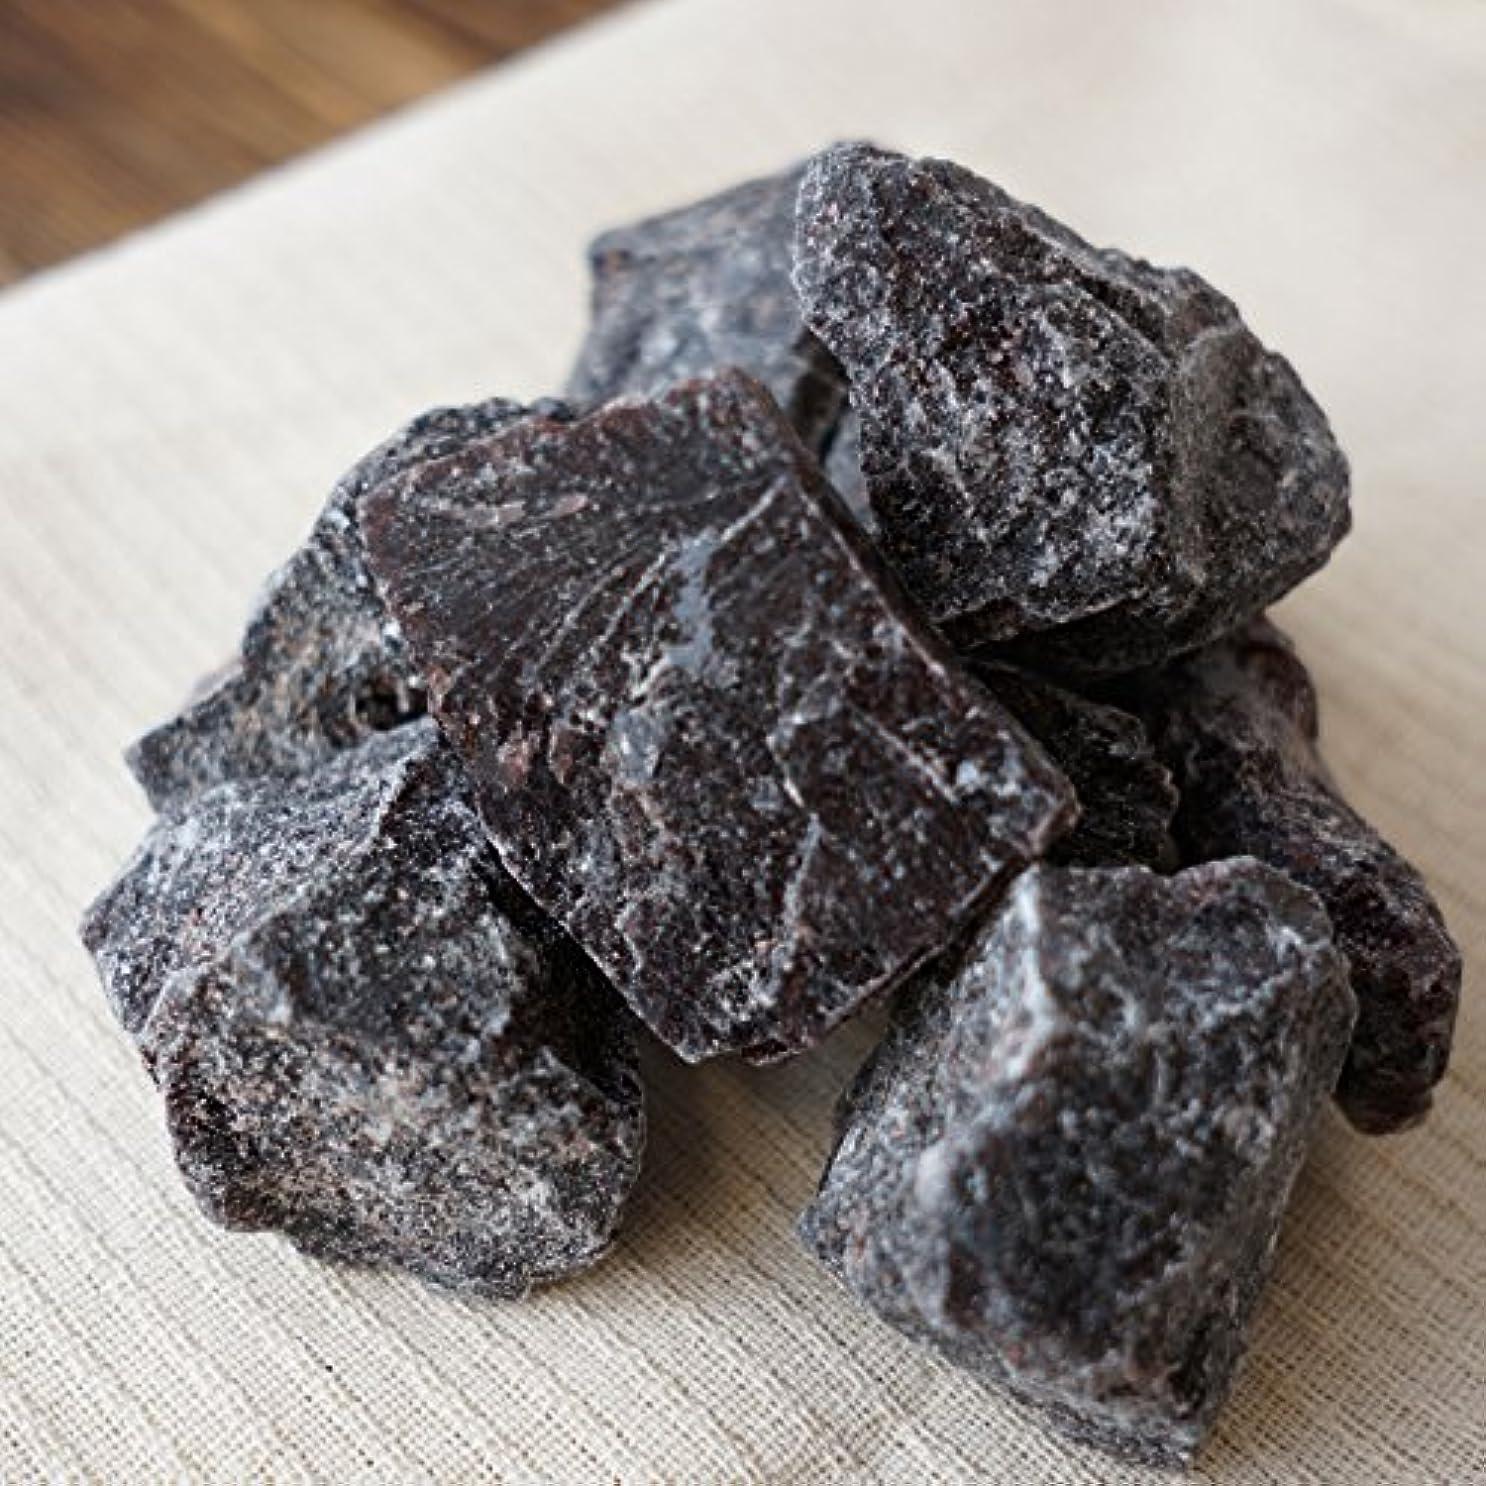 石鹸イルどこにも希少 インド岩塩 ルビー ブロック 約2-5cm 5,000g 原料